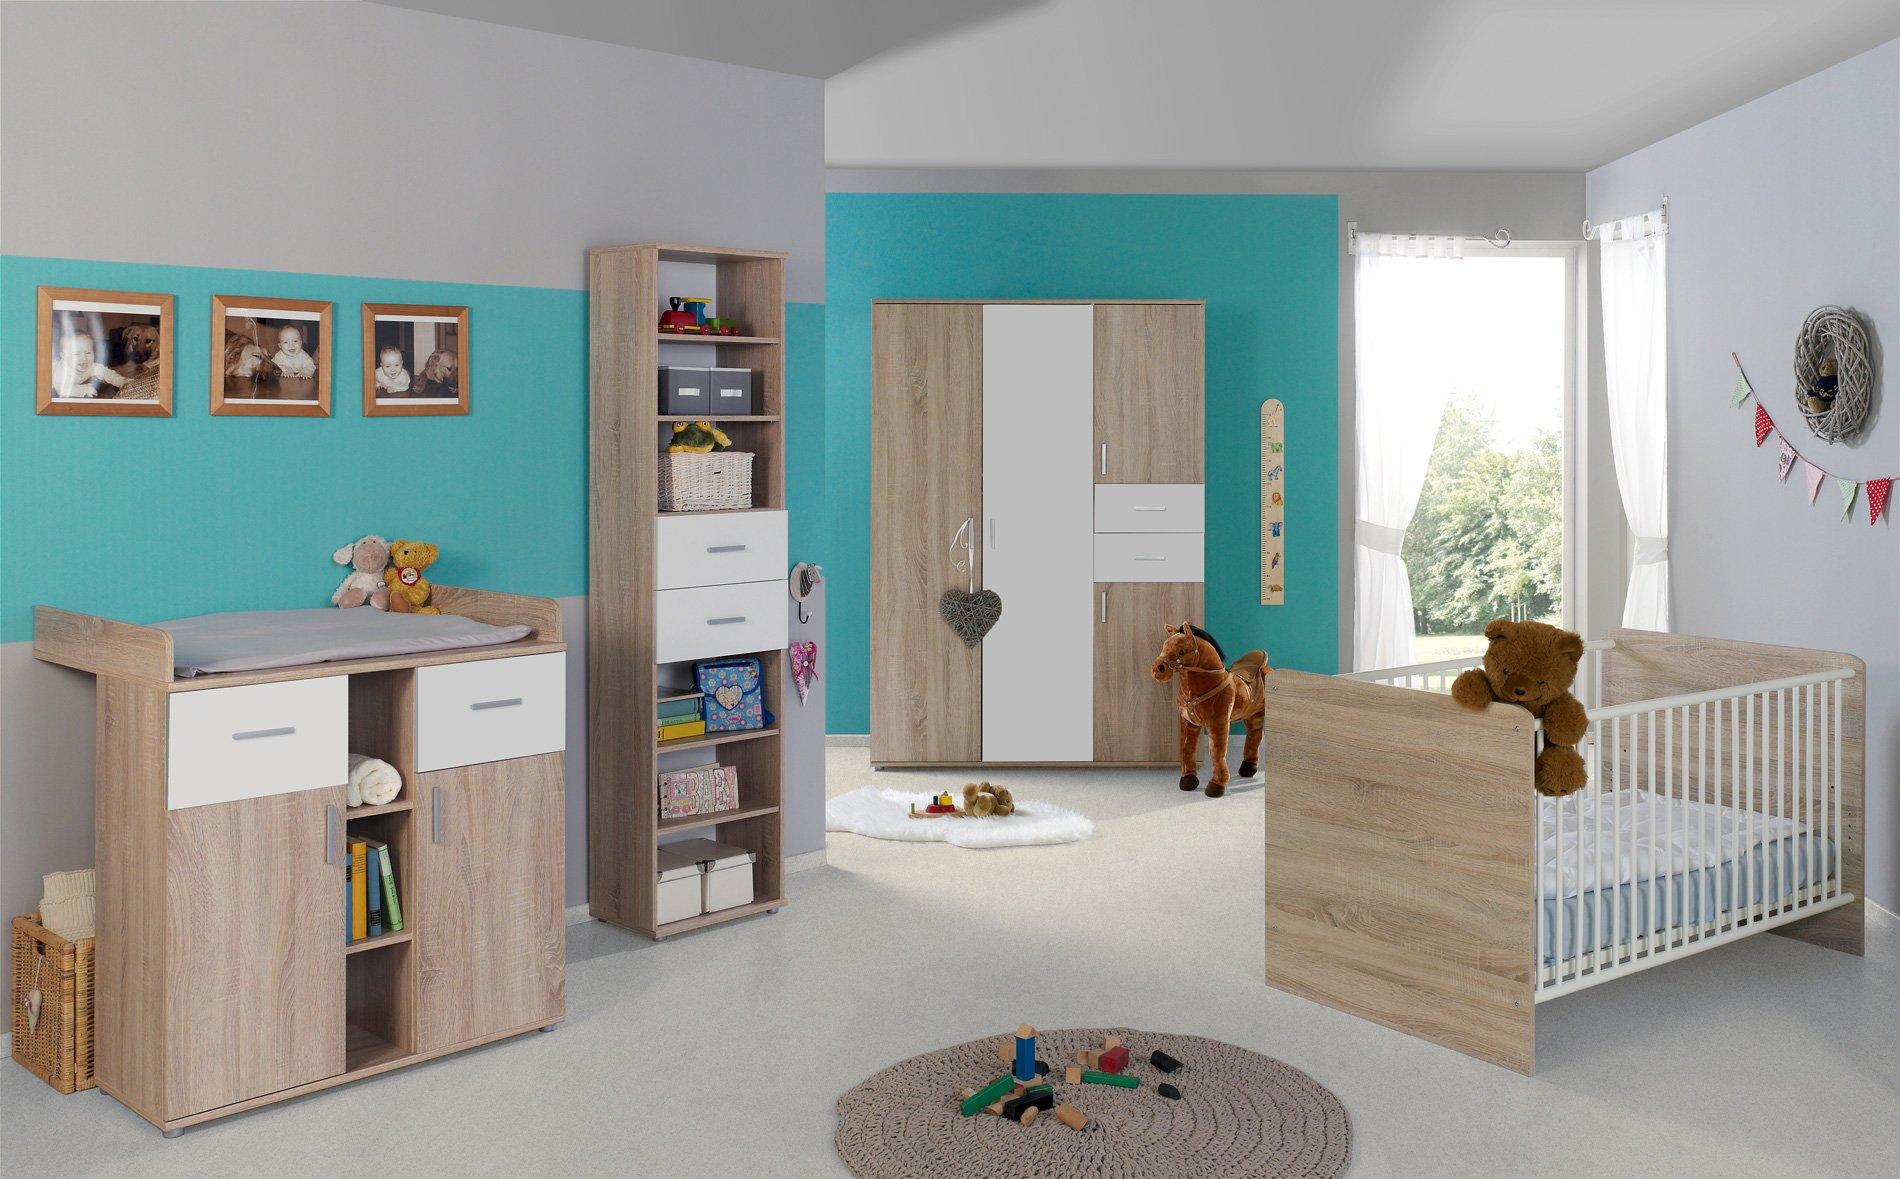 Am Besten Bewertete Produkte In Der Kategorie Möbel Sets Für